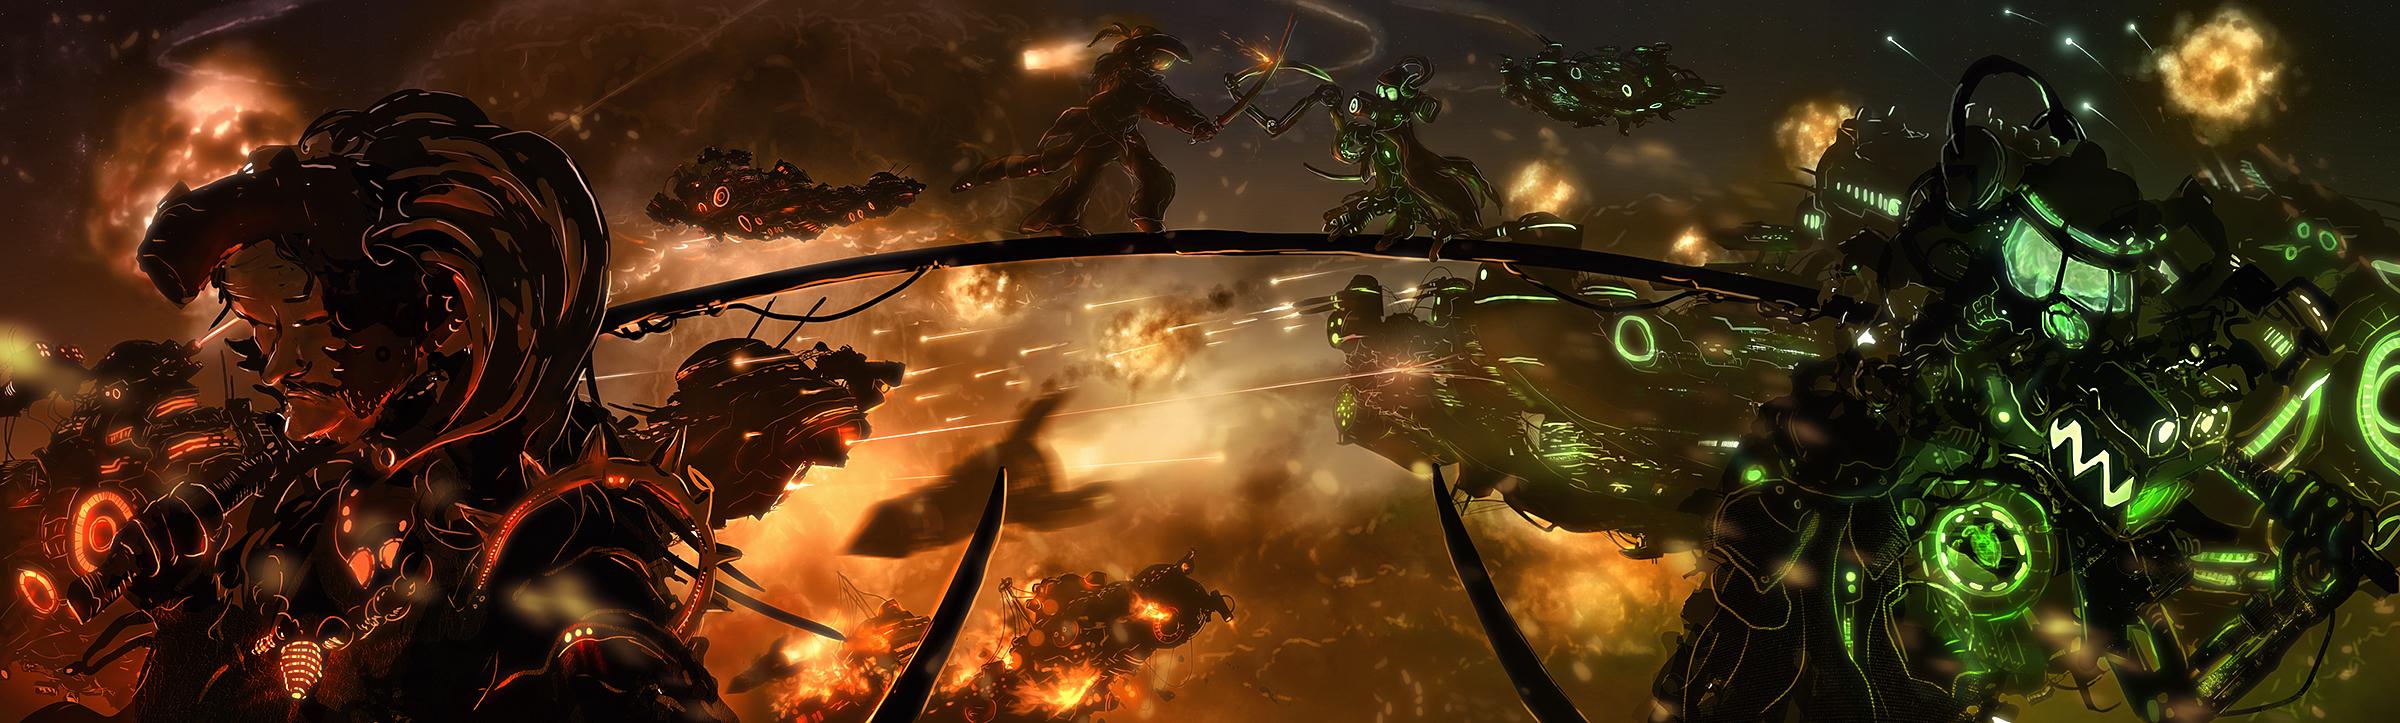 Robotarmy vs Samuraicyborgs